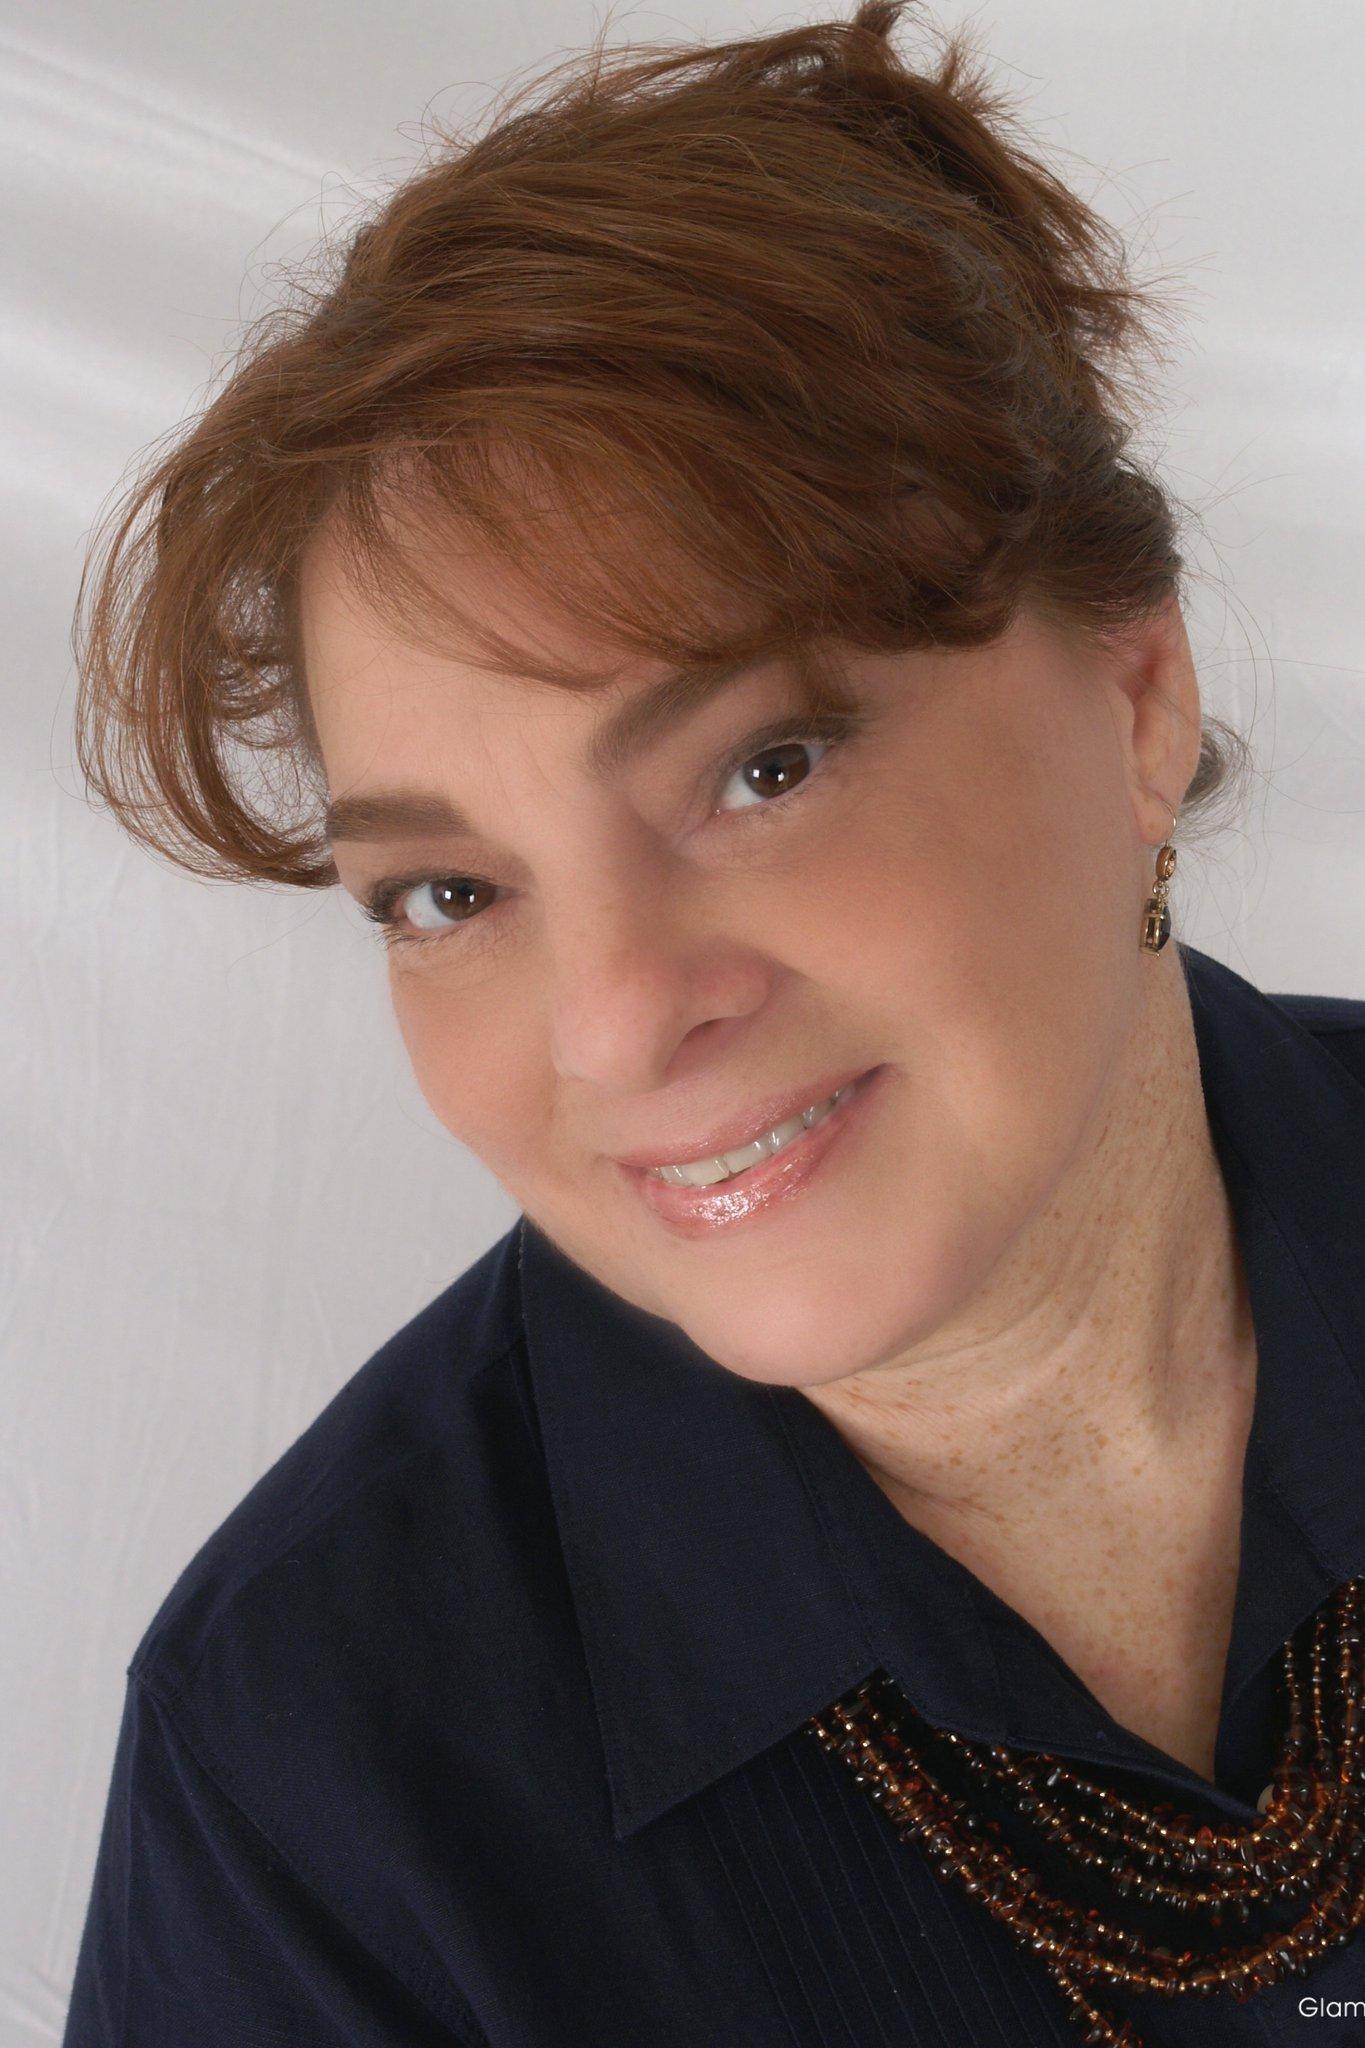 Sonia D. Macyshyn